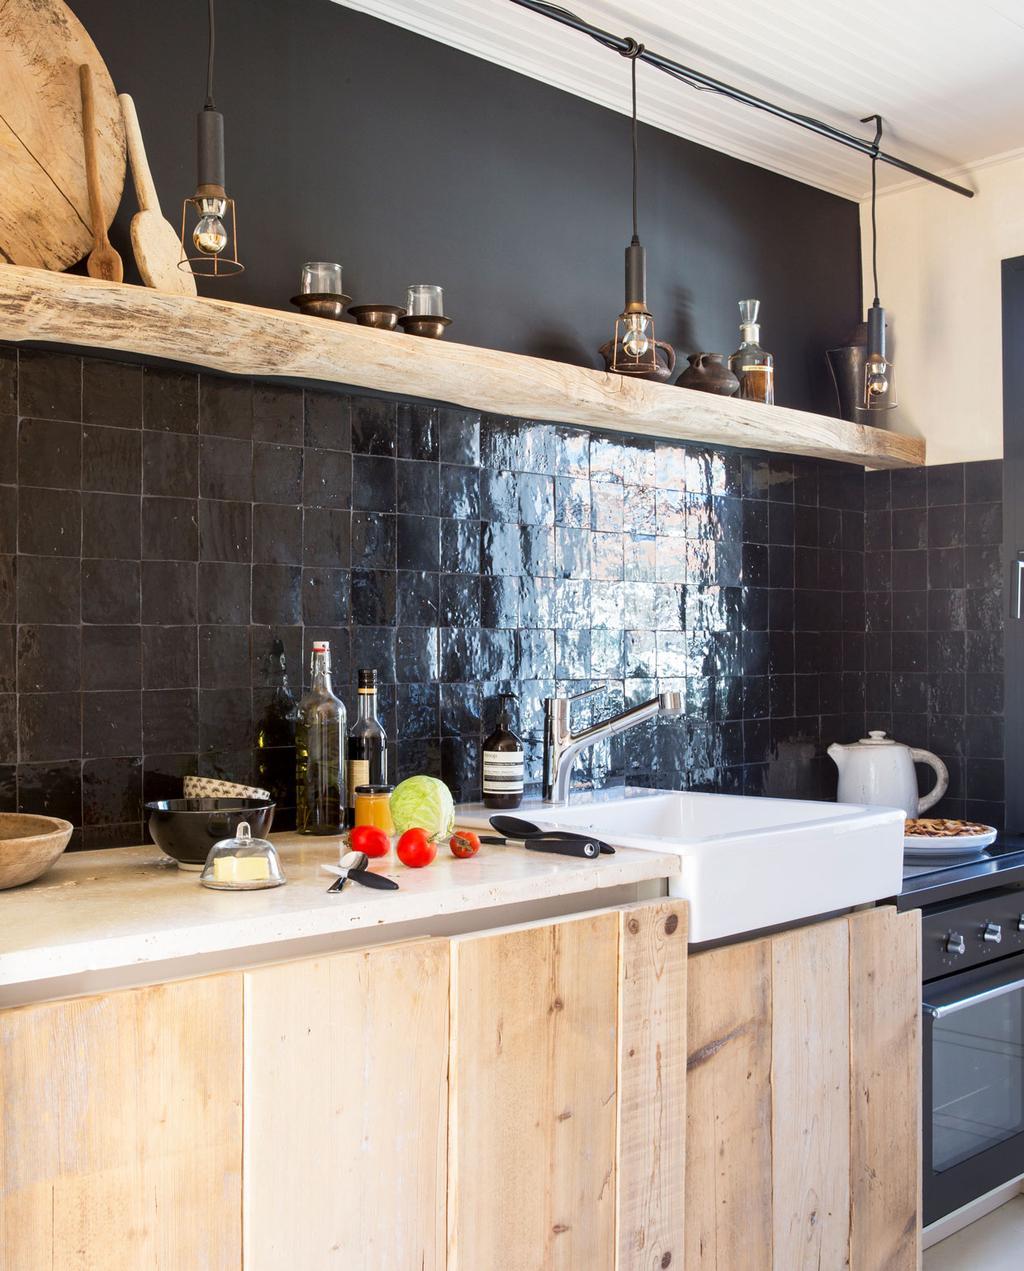 vtwonen binnenkijken special 07-2021 | binnenkijken in een vissershuis | keuken met lichthouten keukenkastjes, zwarte tegels, een licht houten wandplank en zwarte verf.